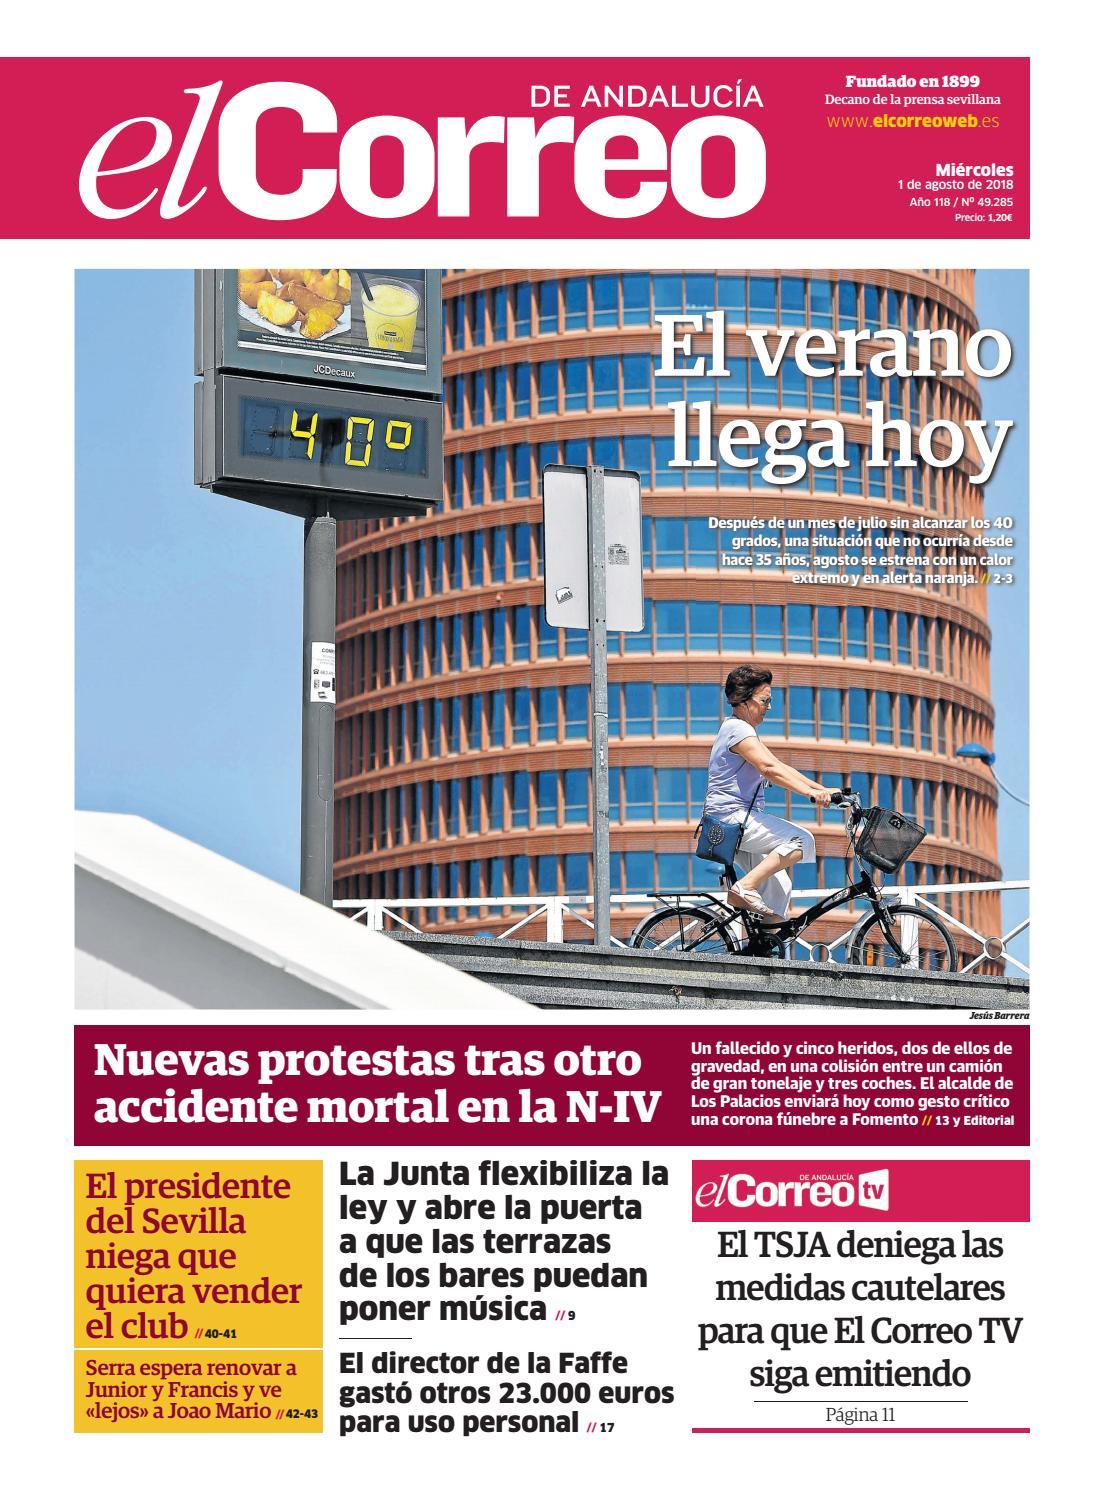 0cc0752eb 01.08.2018 El Correo de Andalucía by EL CORREO DE ANDALUCÍA S.L. - issuu